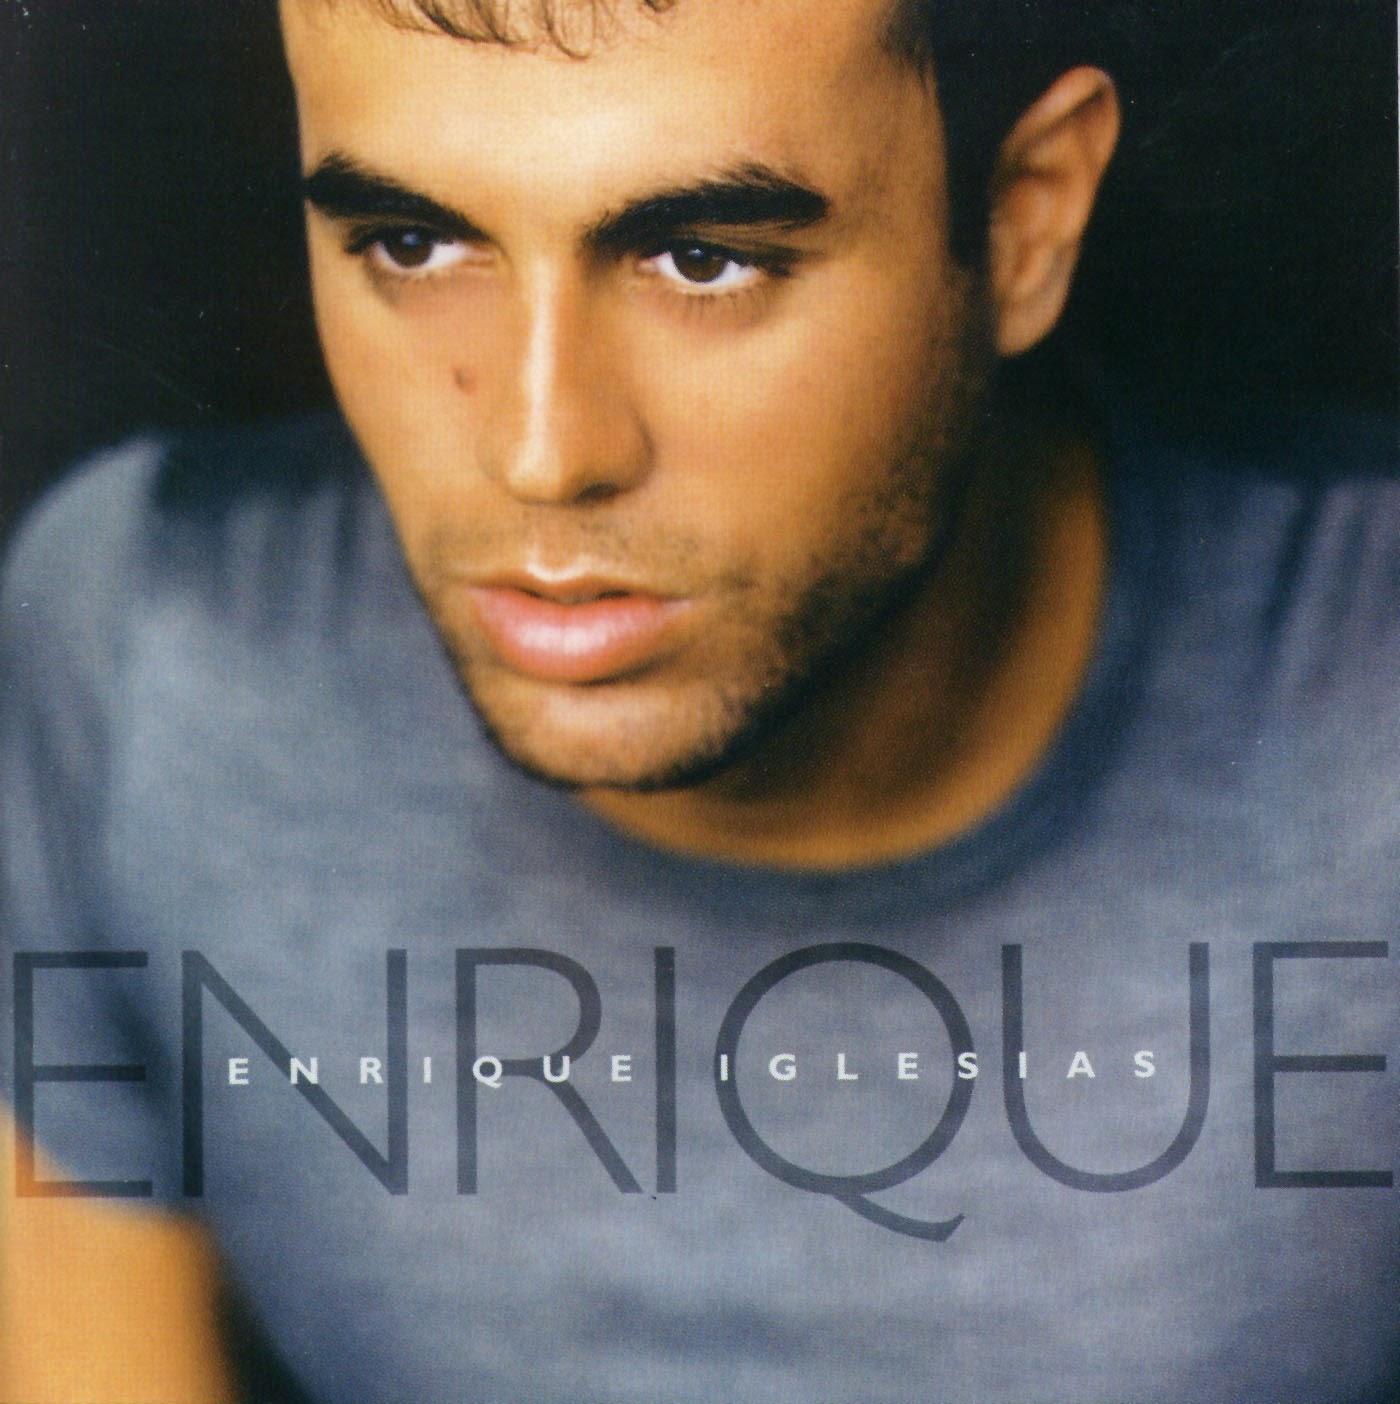 Enrique Miguel Iglesias - Picture Colection